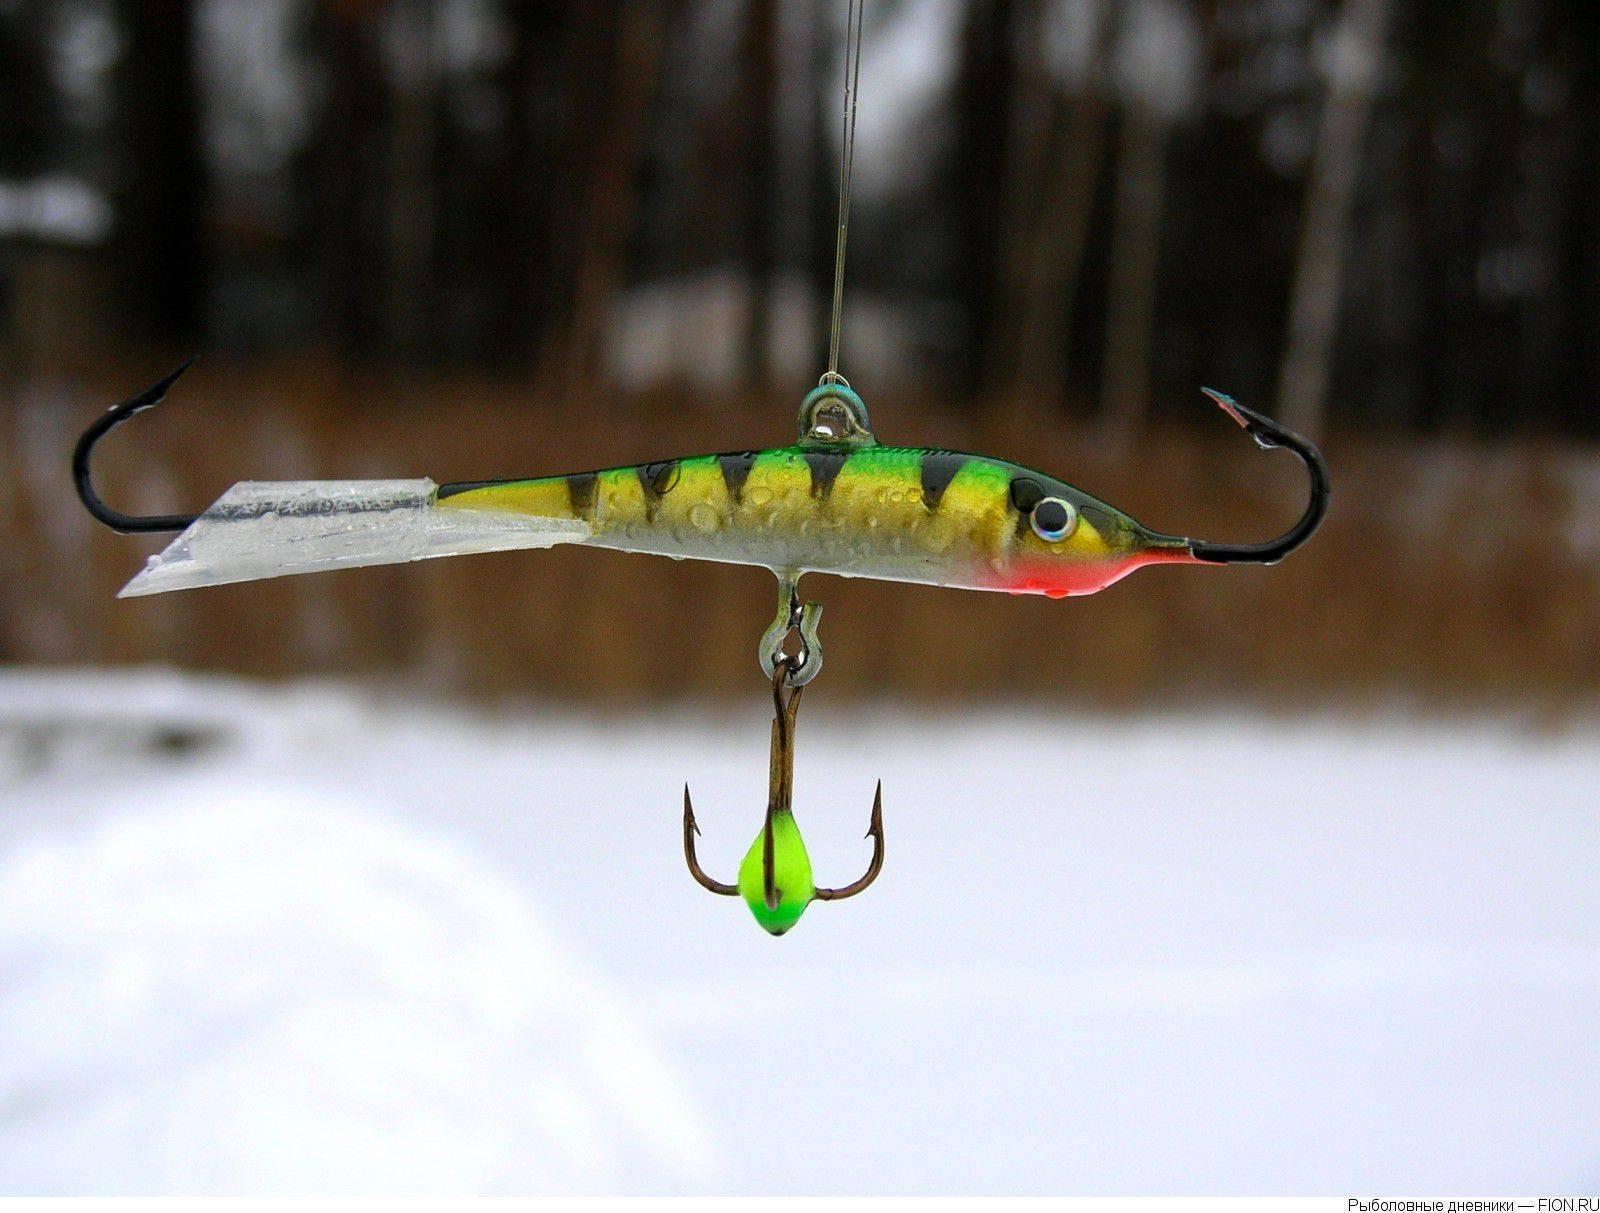 Как ловить окуня на балансир зимой: техника и тактика ловли, обзор самых уловистых приманок